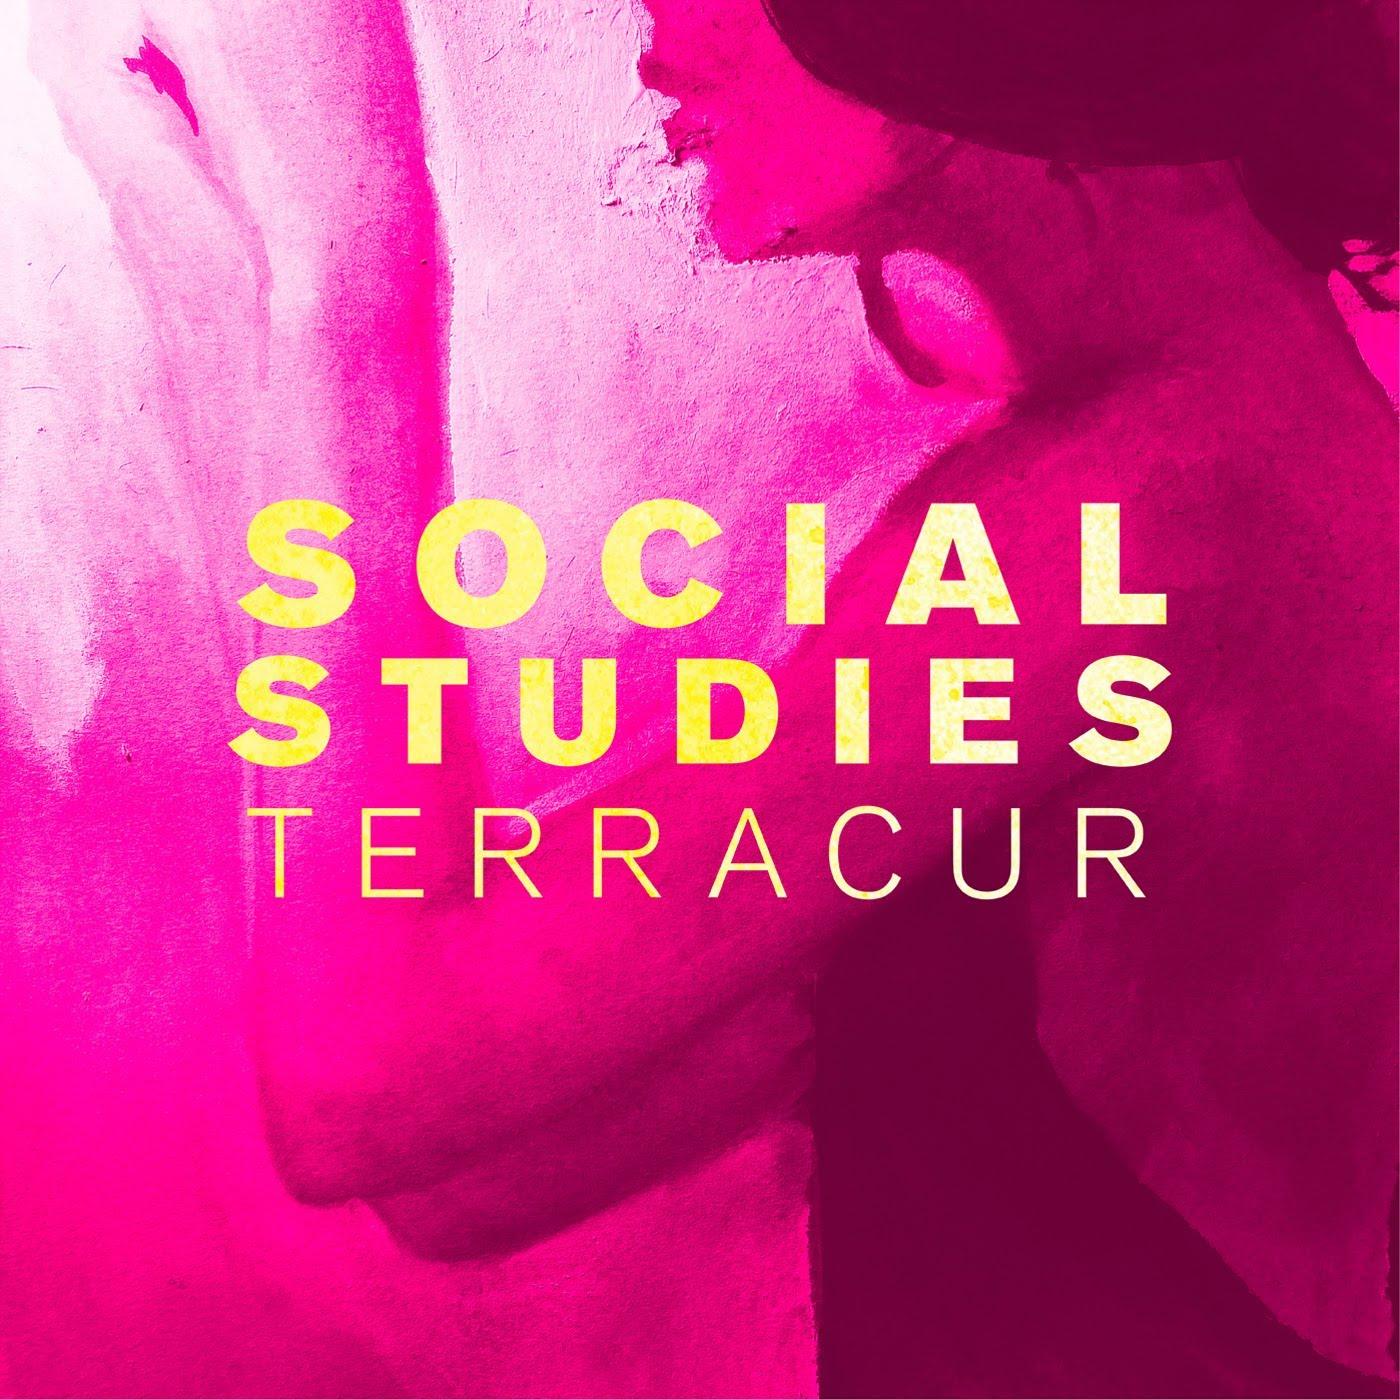 SOCIAL STUDIES, Terracur single art